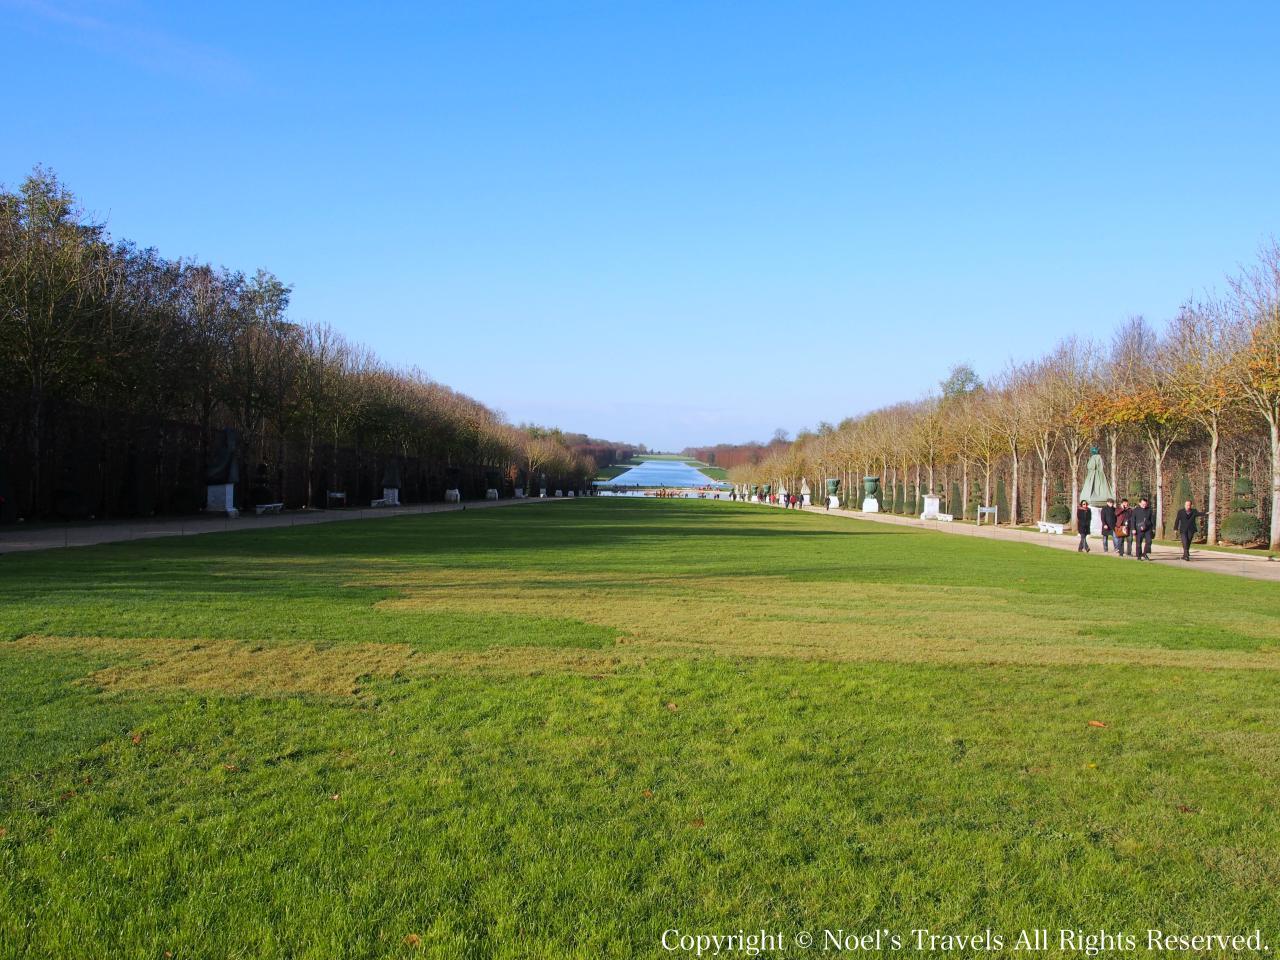 ヴェルサイユ宮殿の王の散歩道